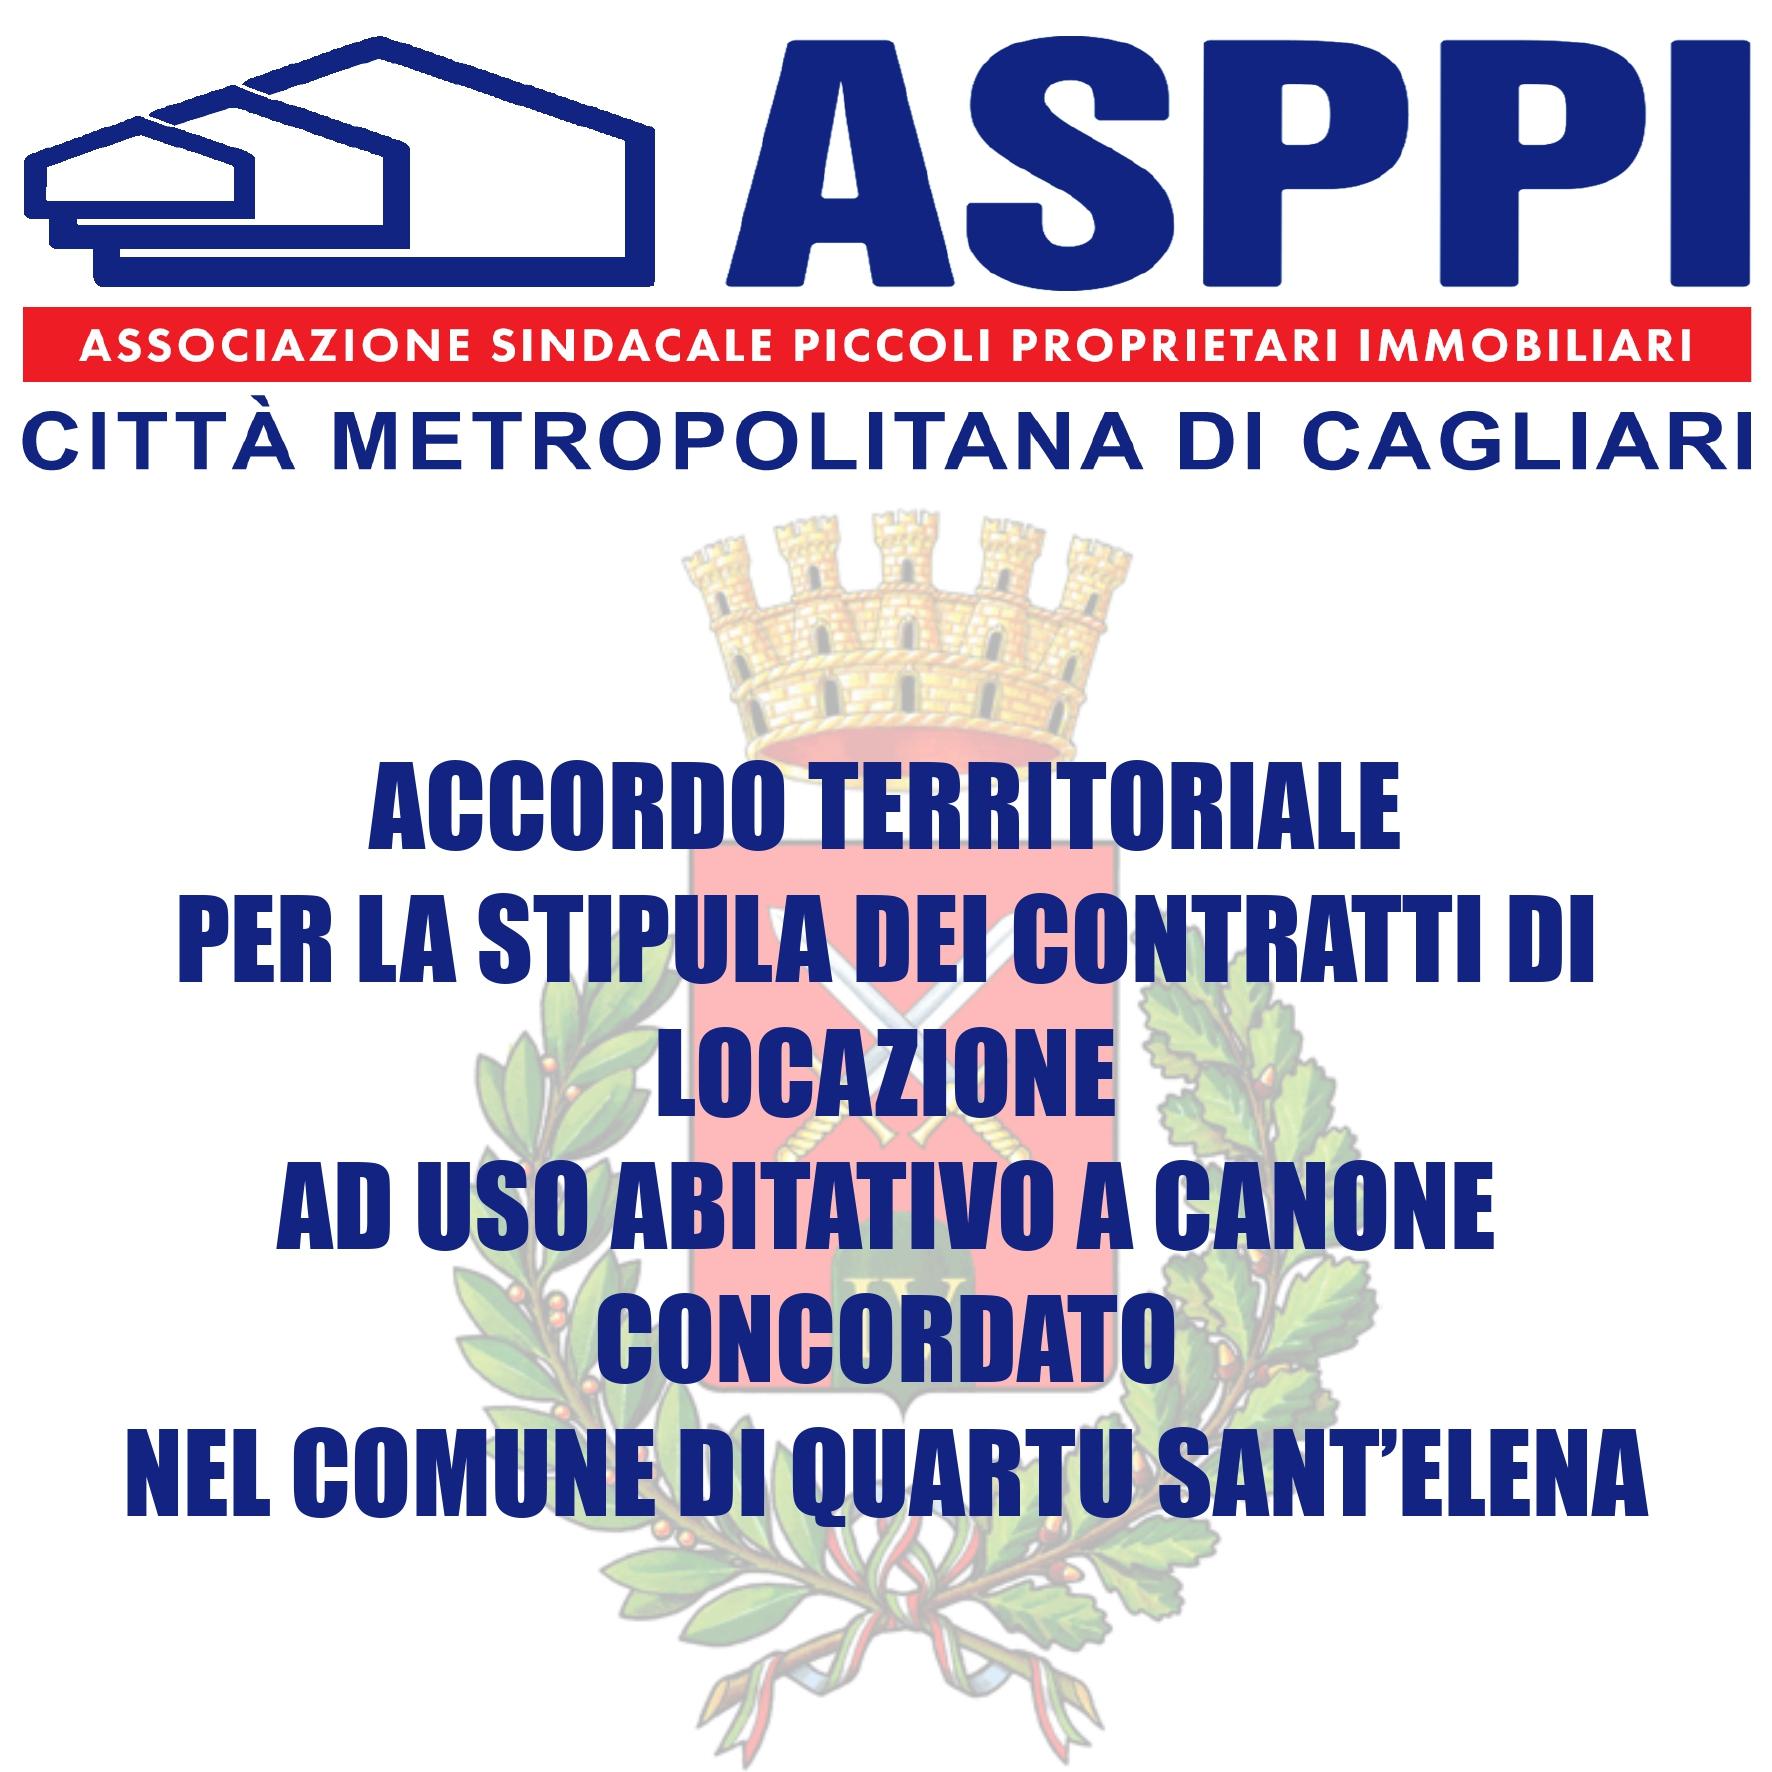 Accordo Territoriale Quartu Sant'Elena